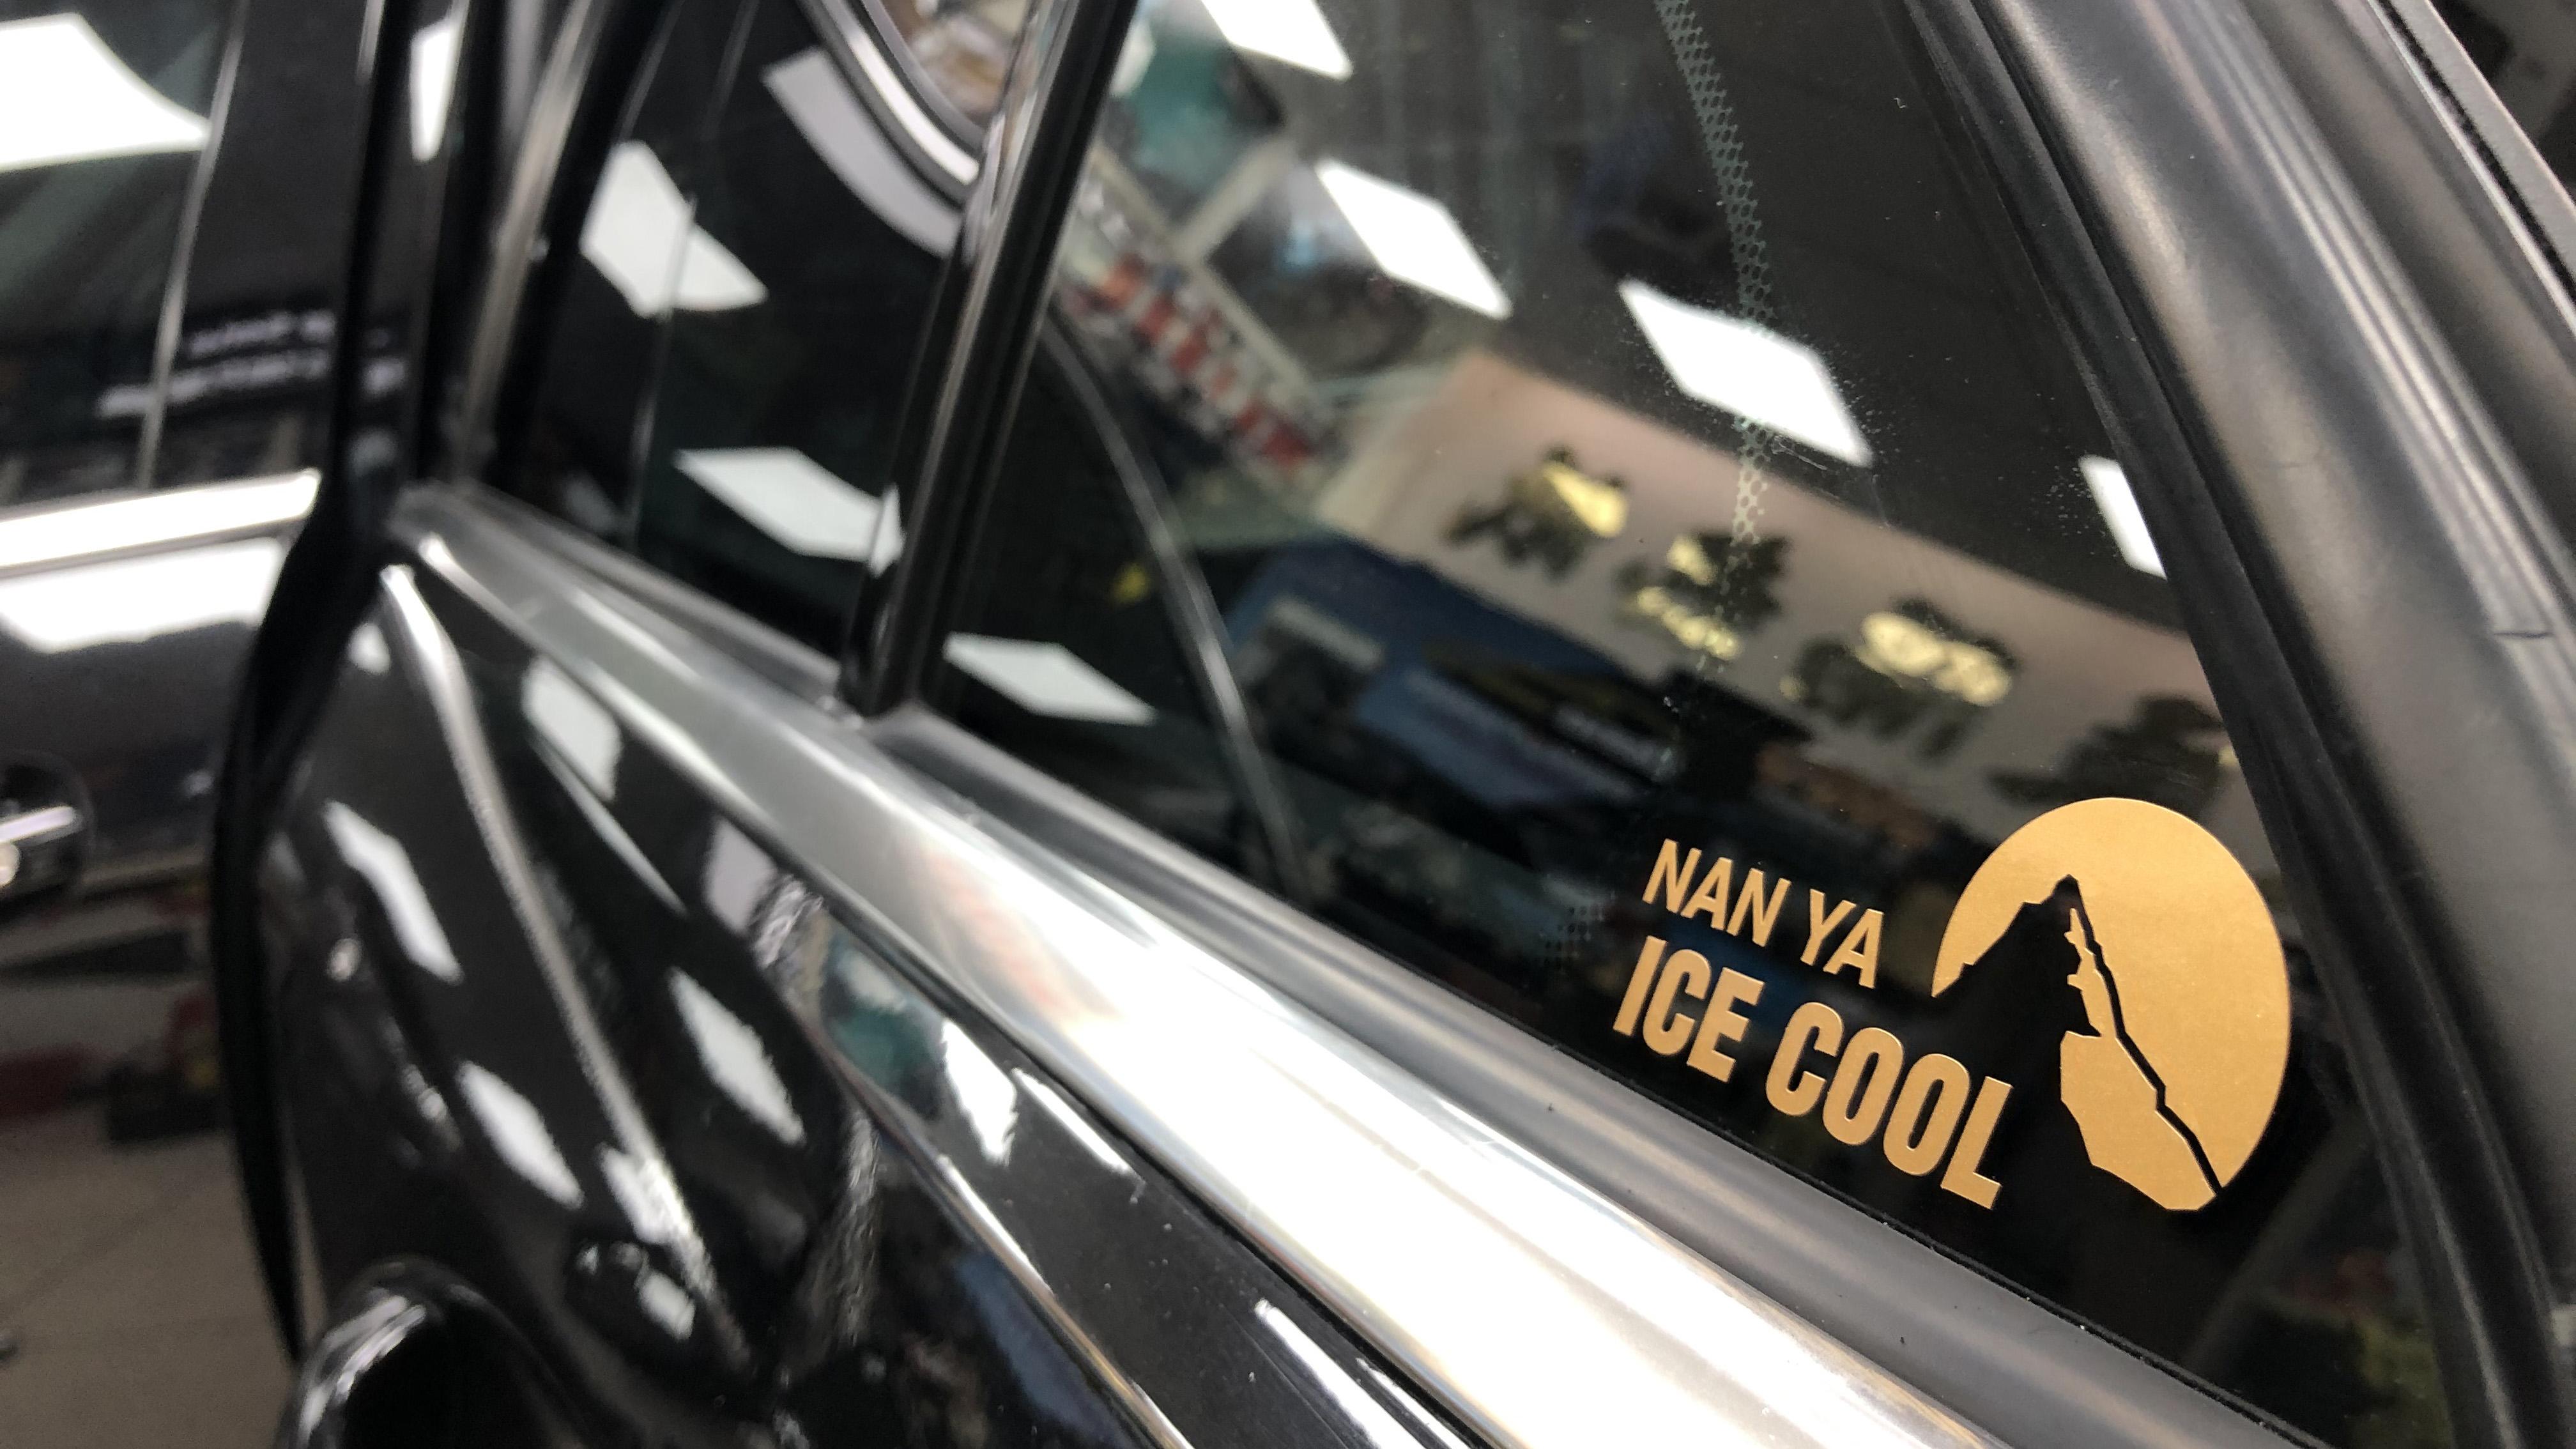 南亞「冰酷隔熱紙」提升行車品質,四月到店送無毒橡皮擦